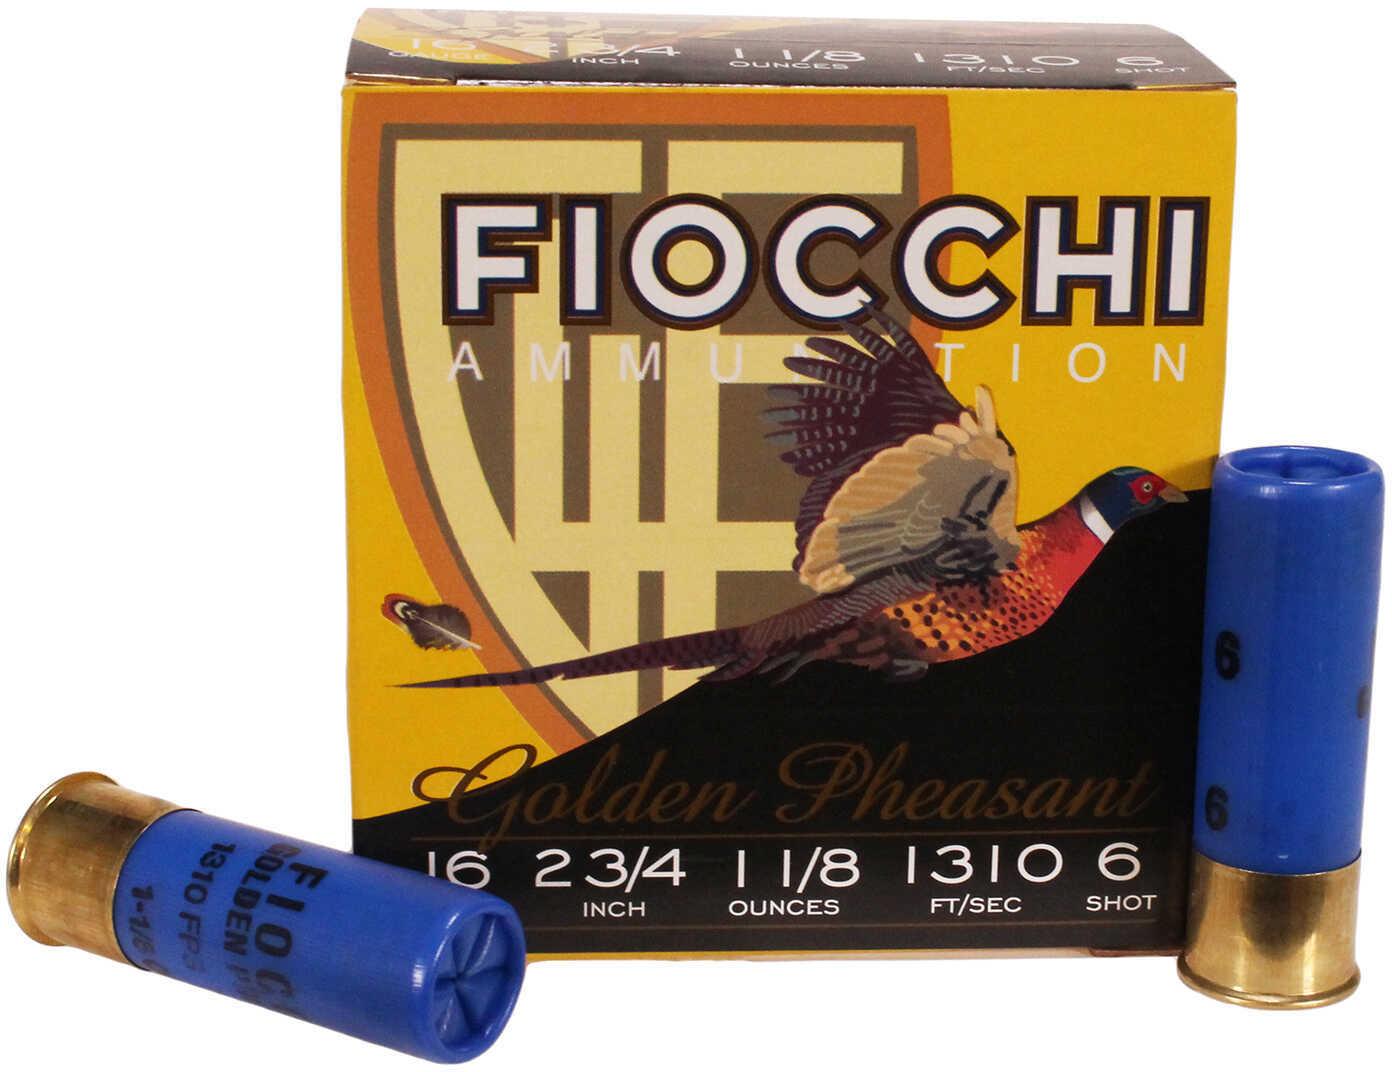 """Fiocchi Ammo Golden Pheasant 16 Gauge 2 3/4"""" 1 1/8Oz #6 25 Rounds Ammunition 16GP6"""